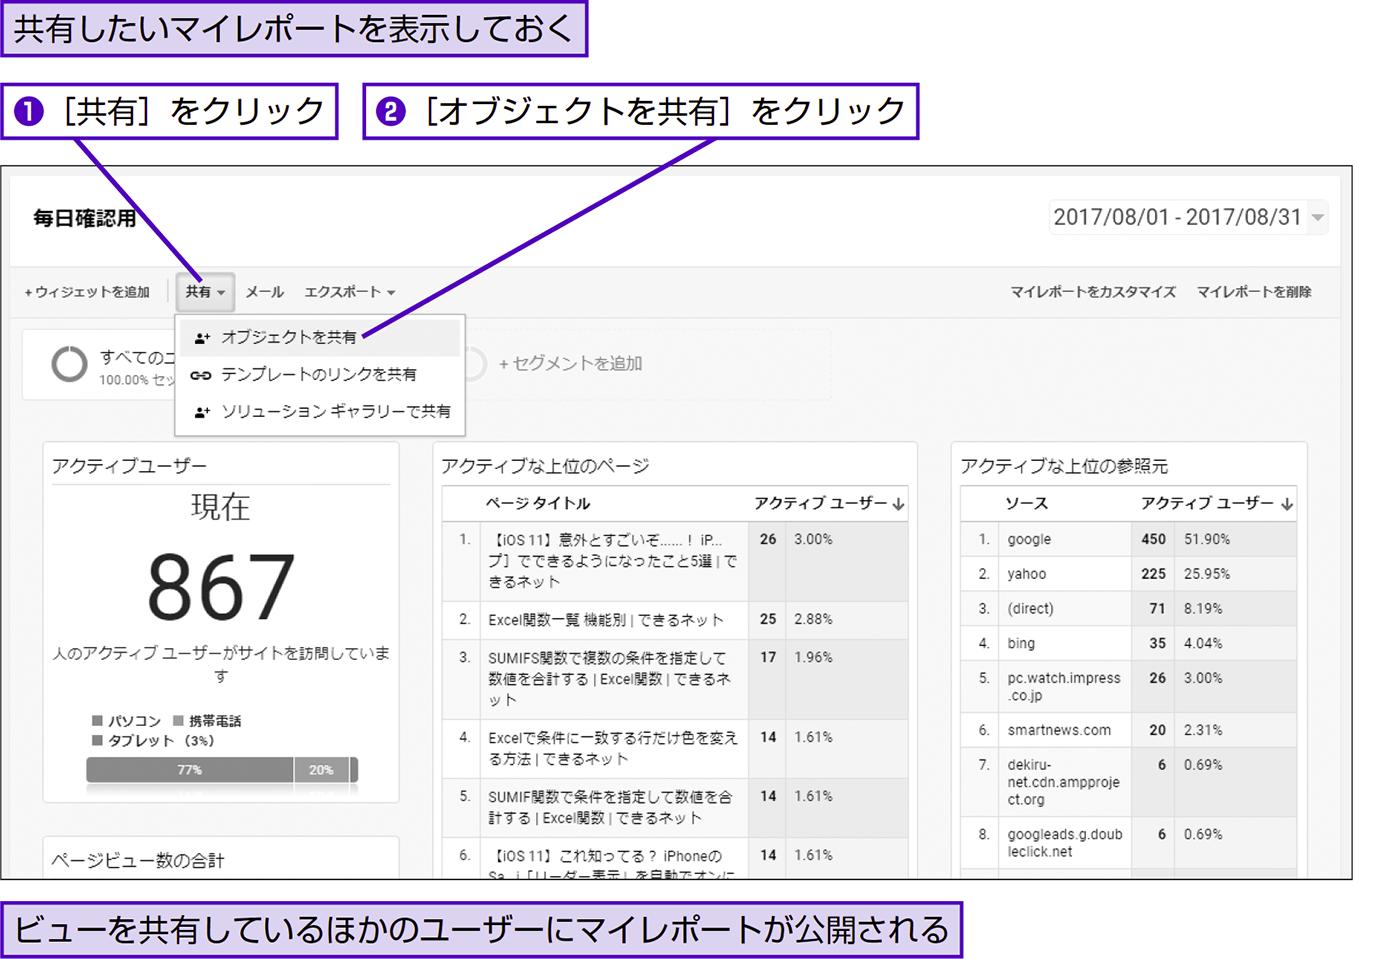 マイレポートを共有する - できる逆引き Googleアナリティクス 増補改訂2版